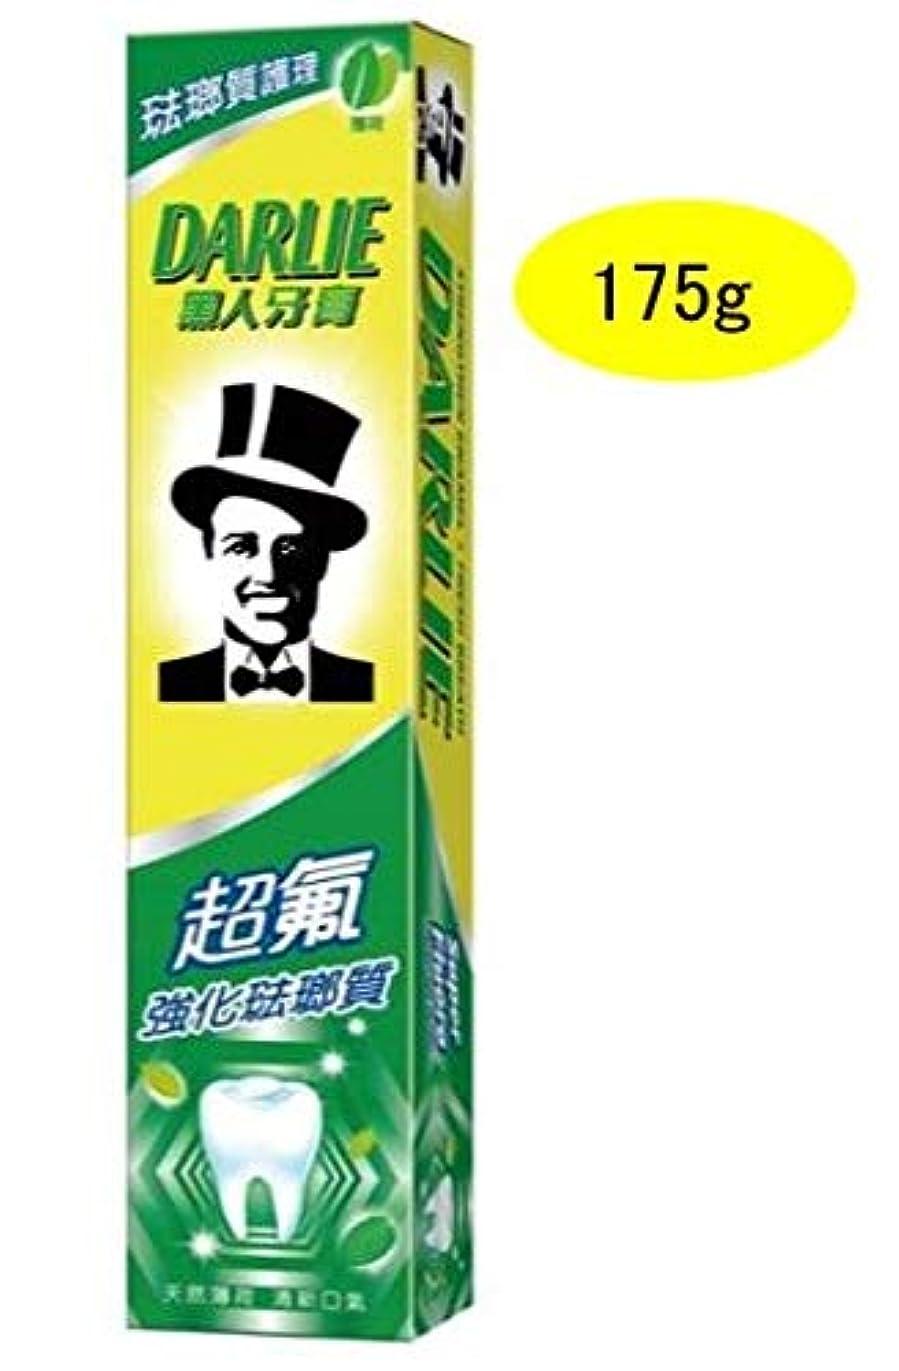 誤ケント幅台湾 黒人歯磨き粉 スーパーフッ素 エナメル質強化 175g DARLIE 黑人牙膏 超氟 強化琺瑯質